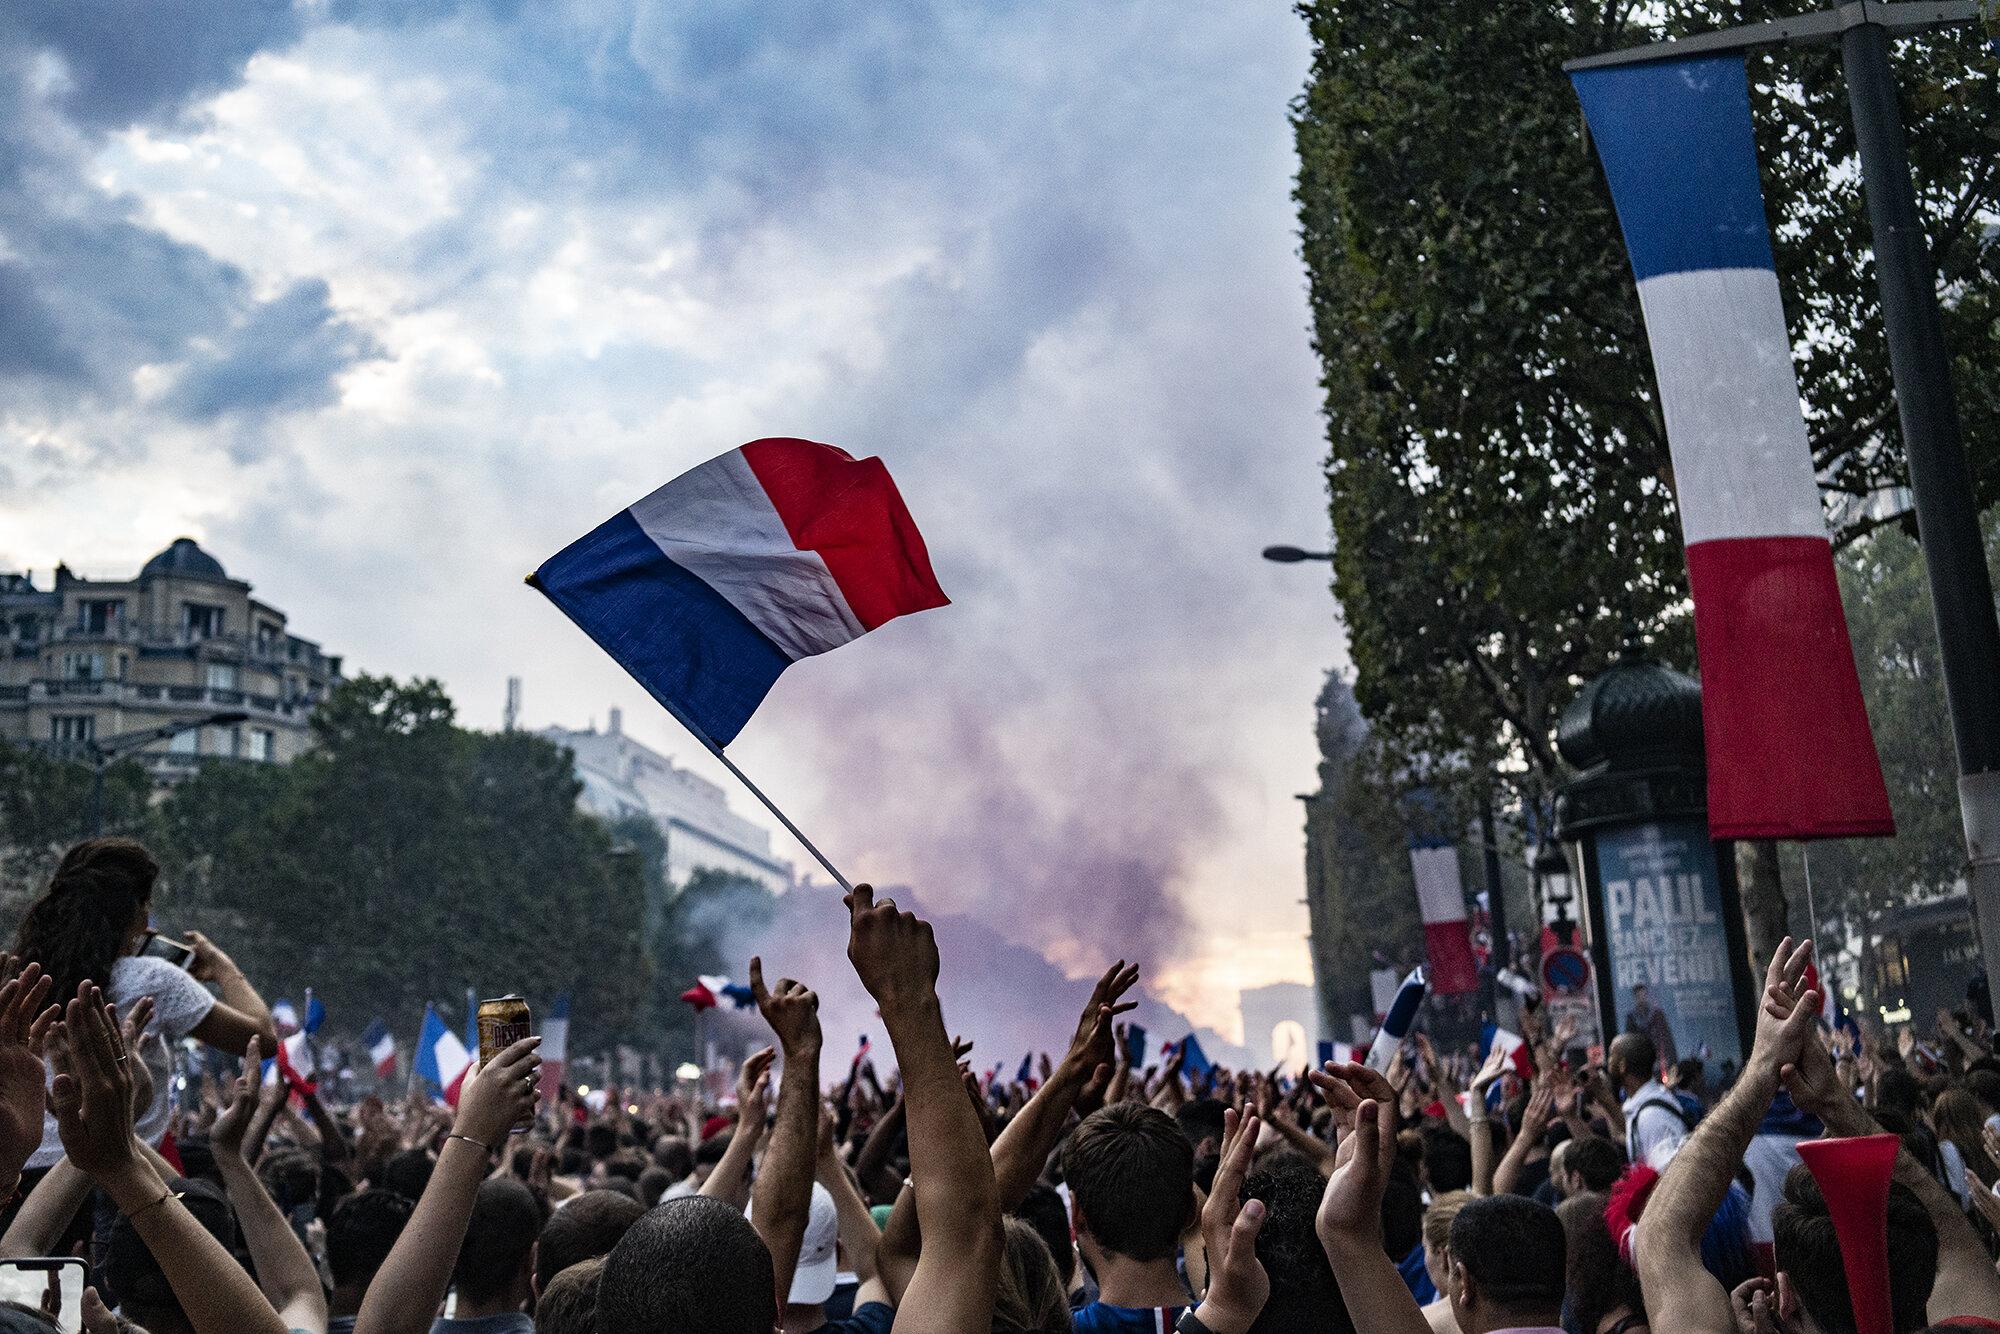 Paris_Street_2018_Single_Flag_Waving_in_Crowd-010.jpg